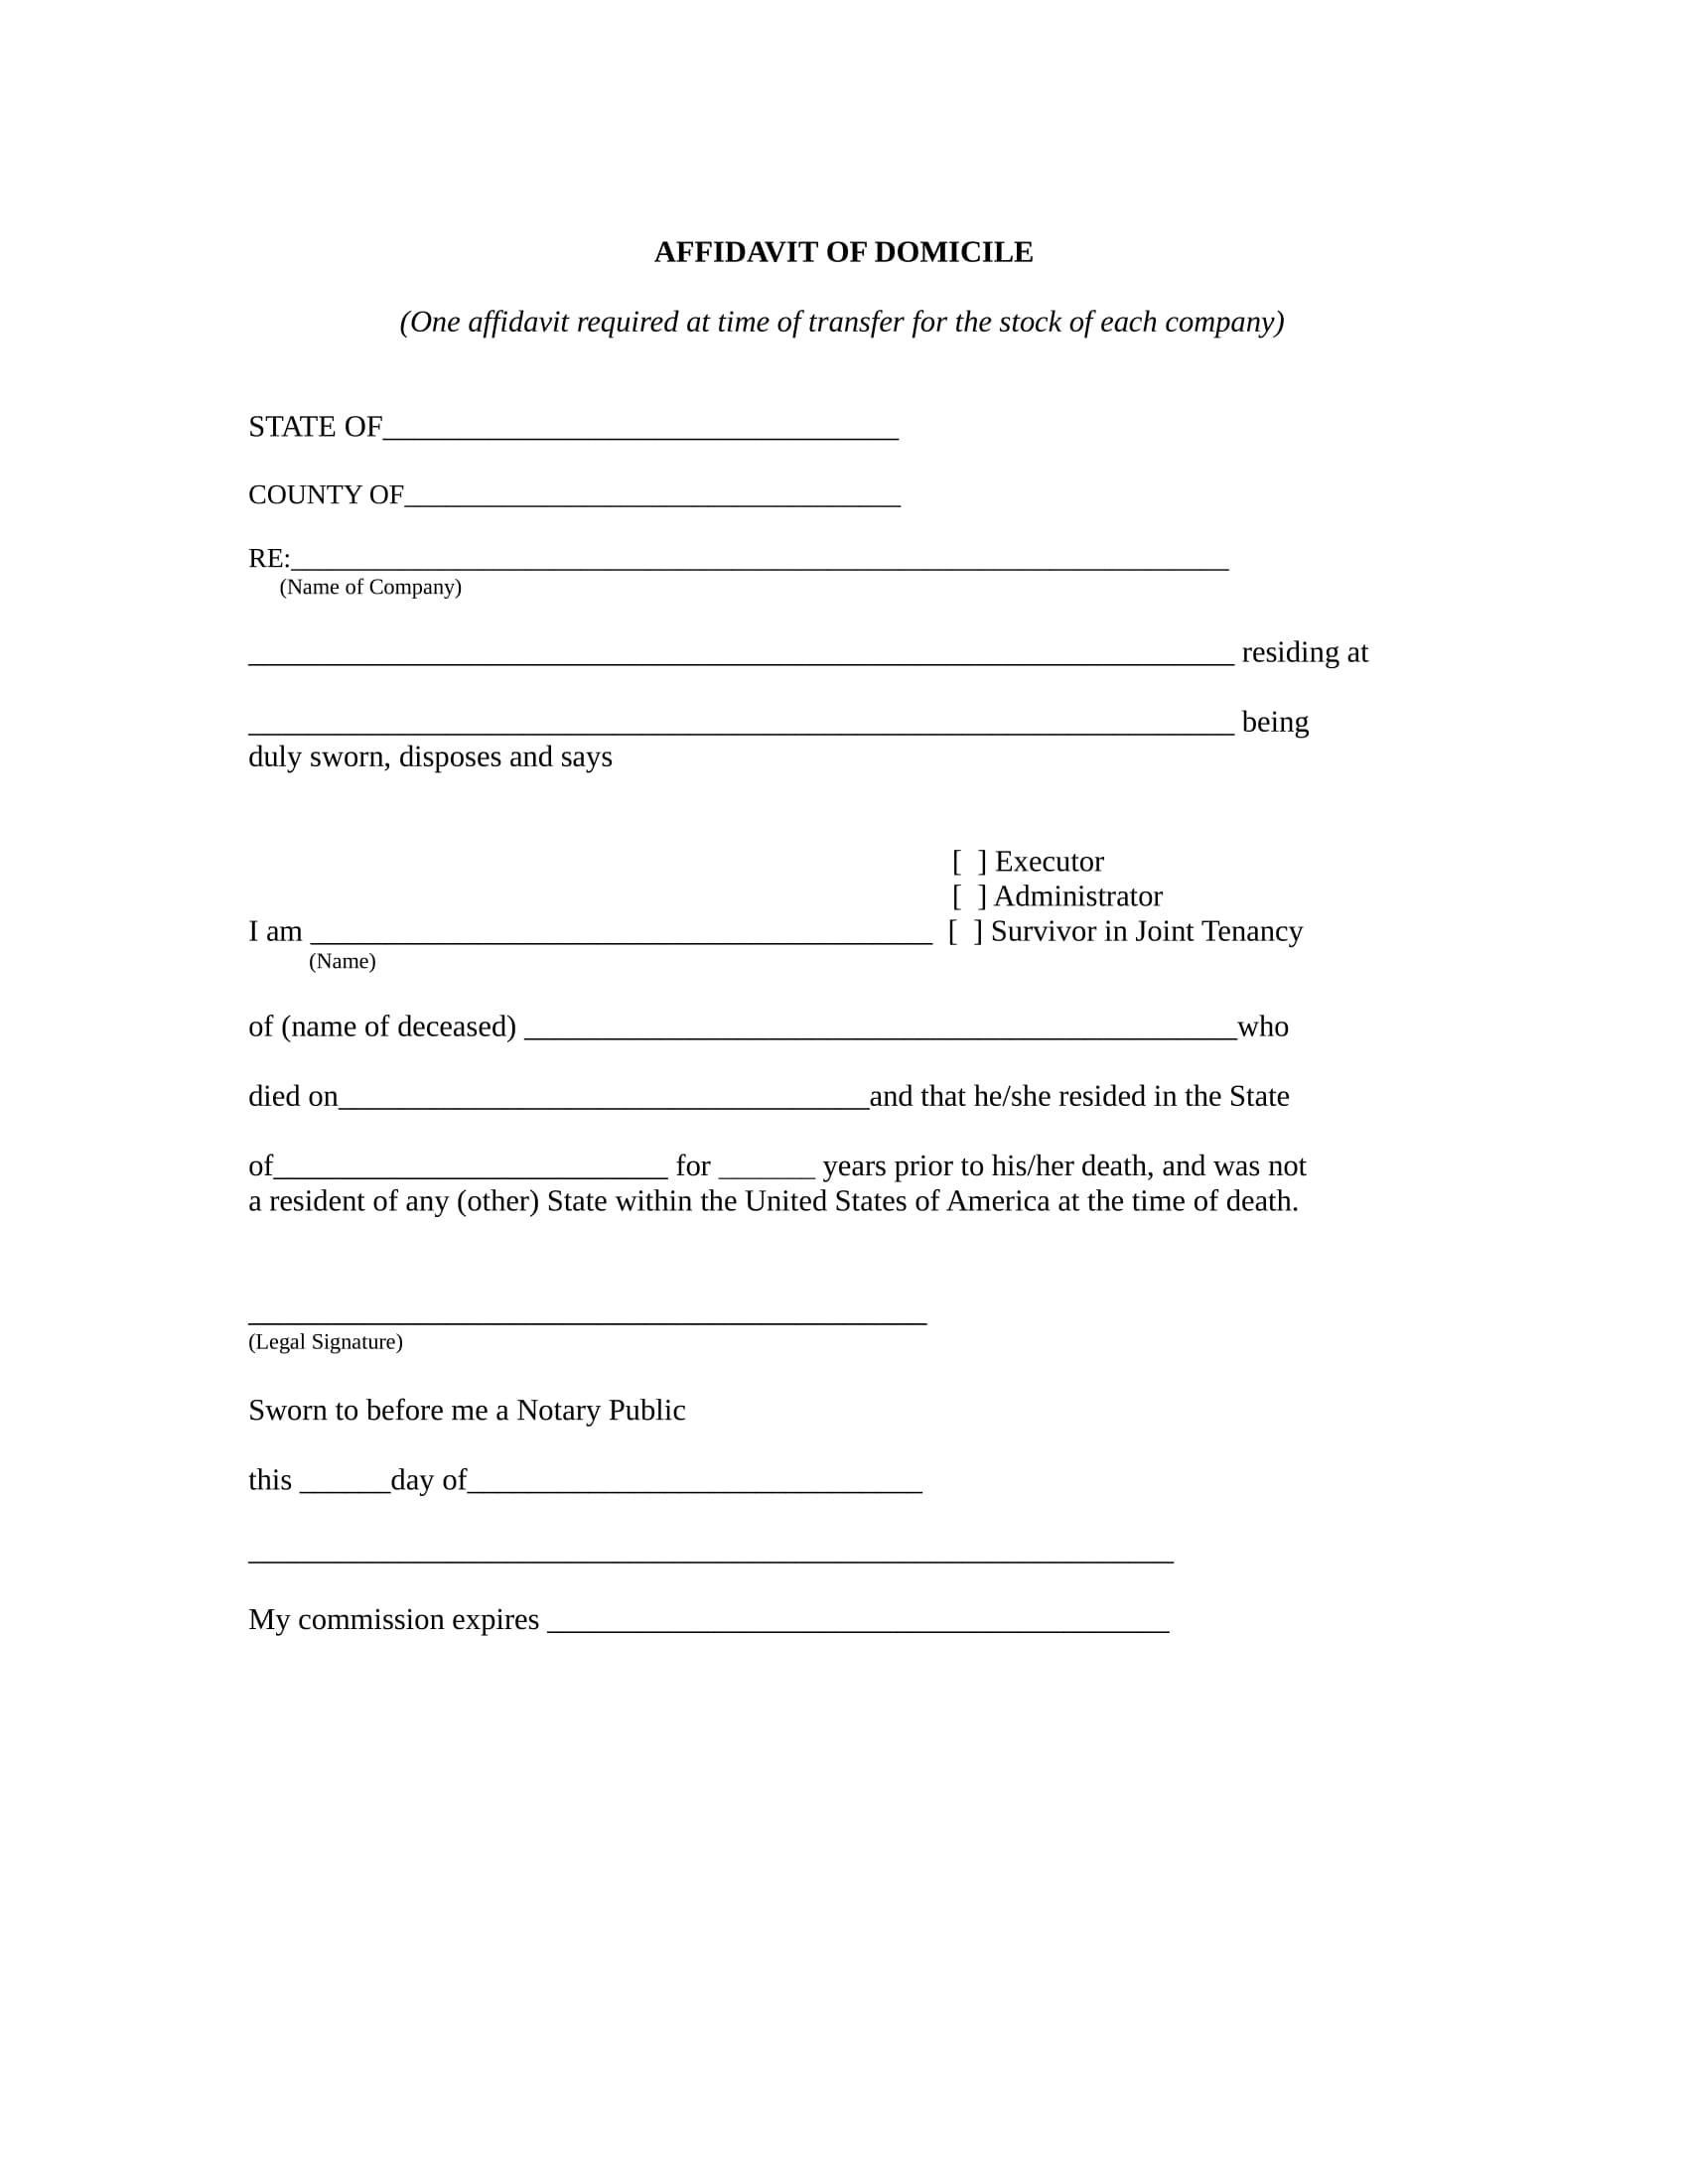 affidavit of domicile format 1